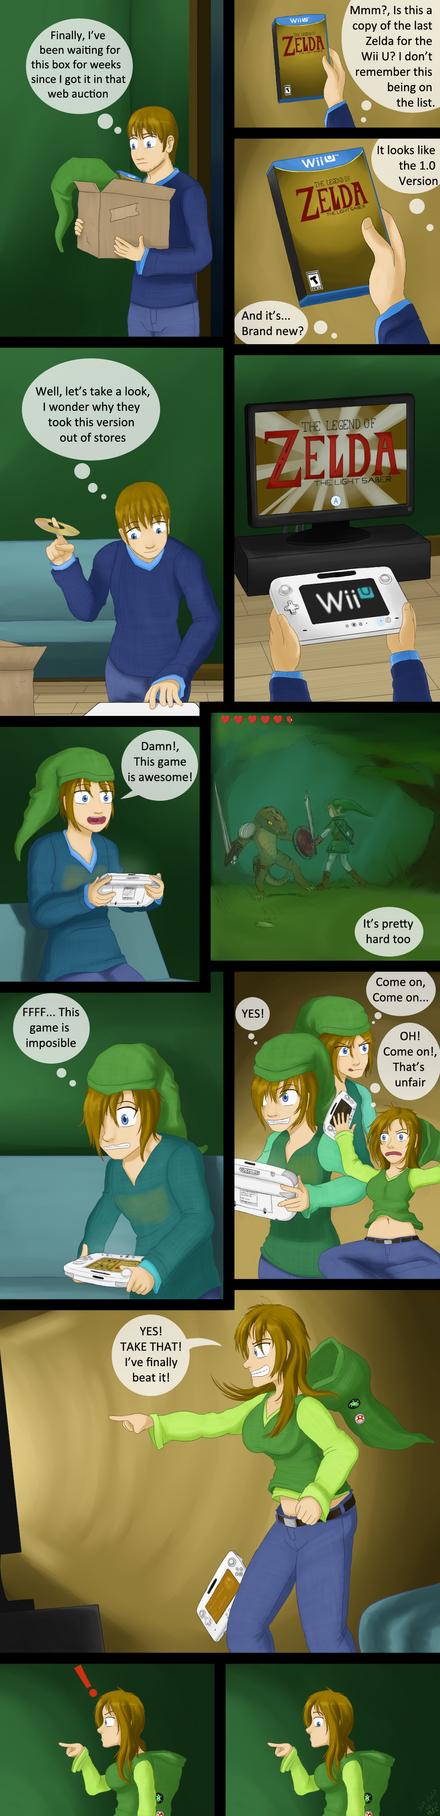 Remake - The Legend of Zelda - The Light Saber by MentalCrash